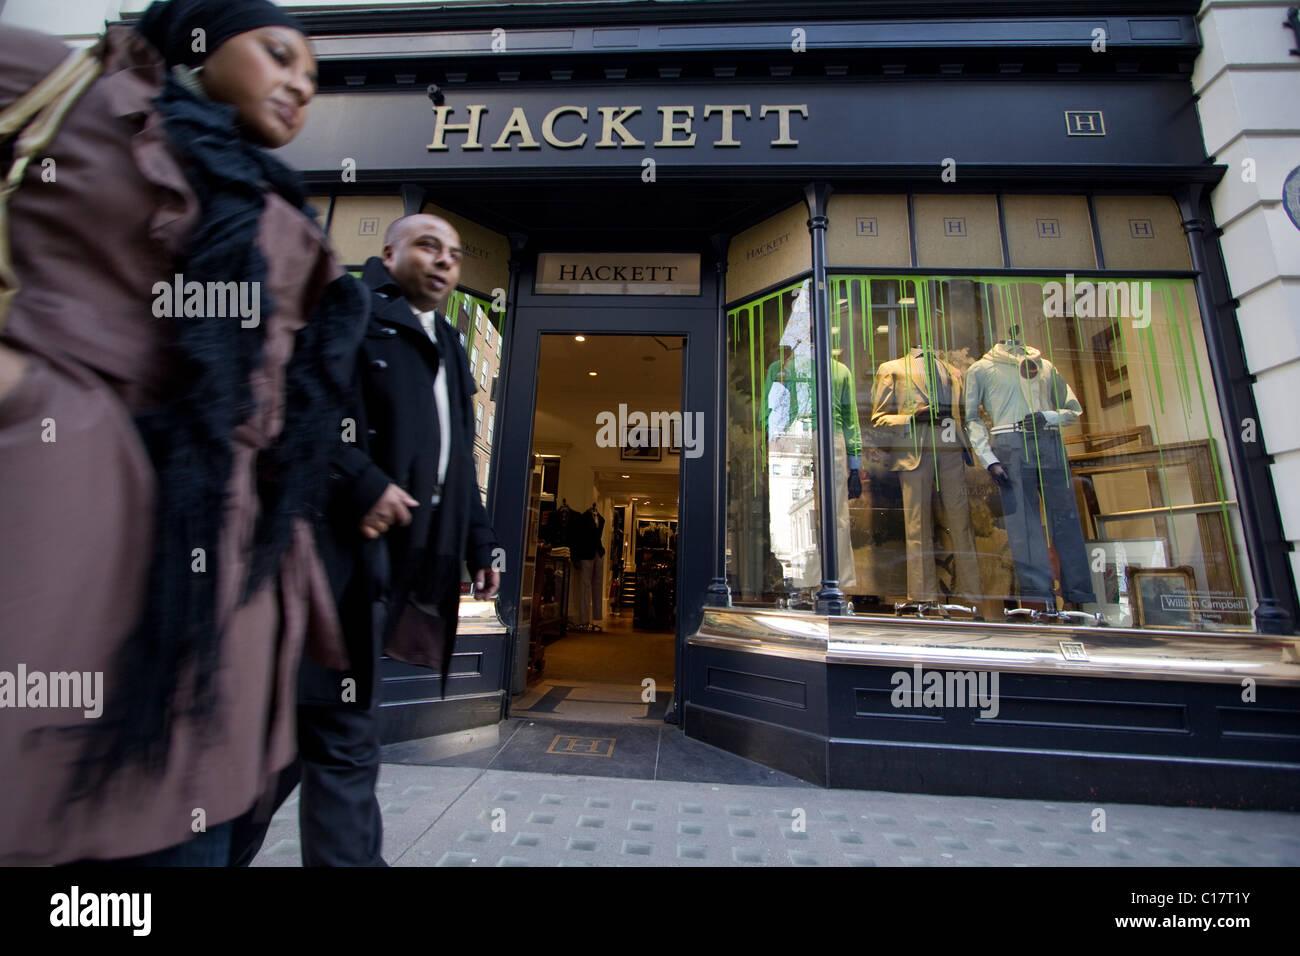 Détaillant de vêtements Hackett shop Photo Stock